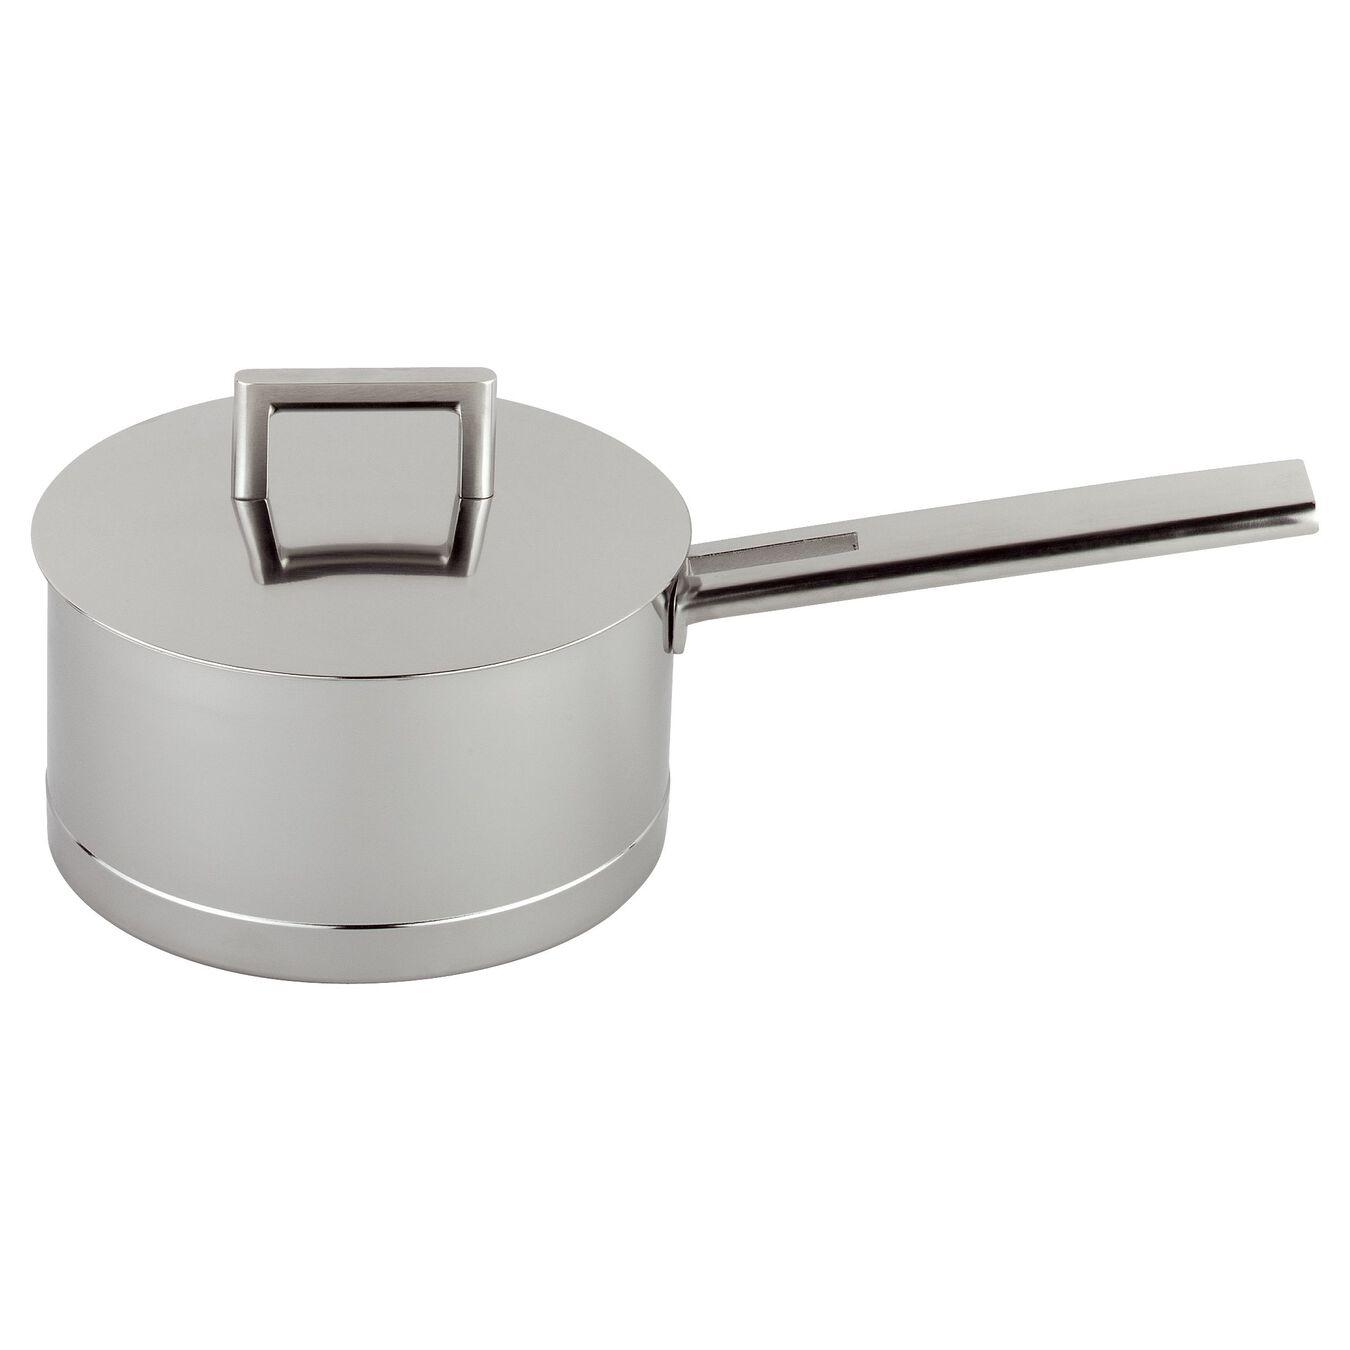 Casseruola con manico con coperchio - 16 cm, acciaio,,large 1